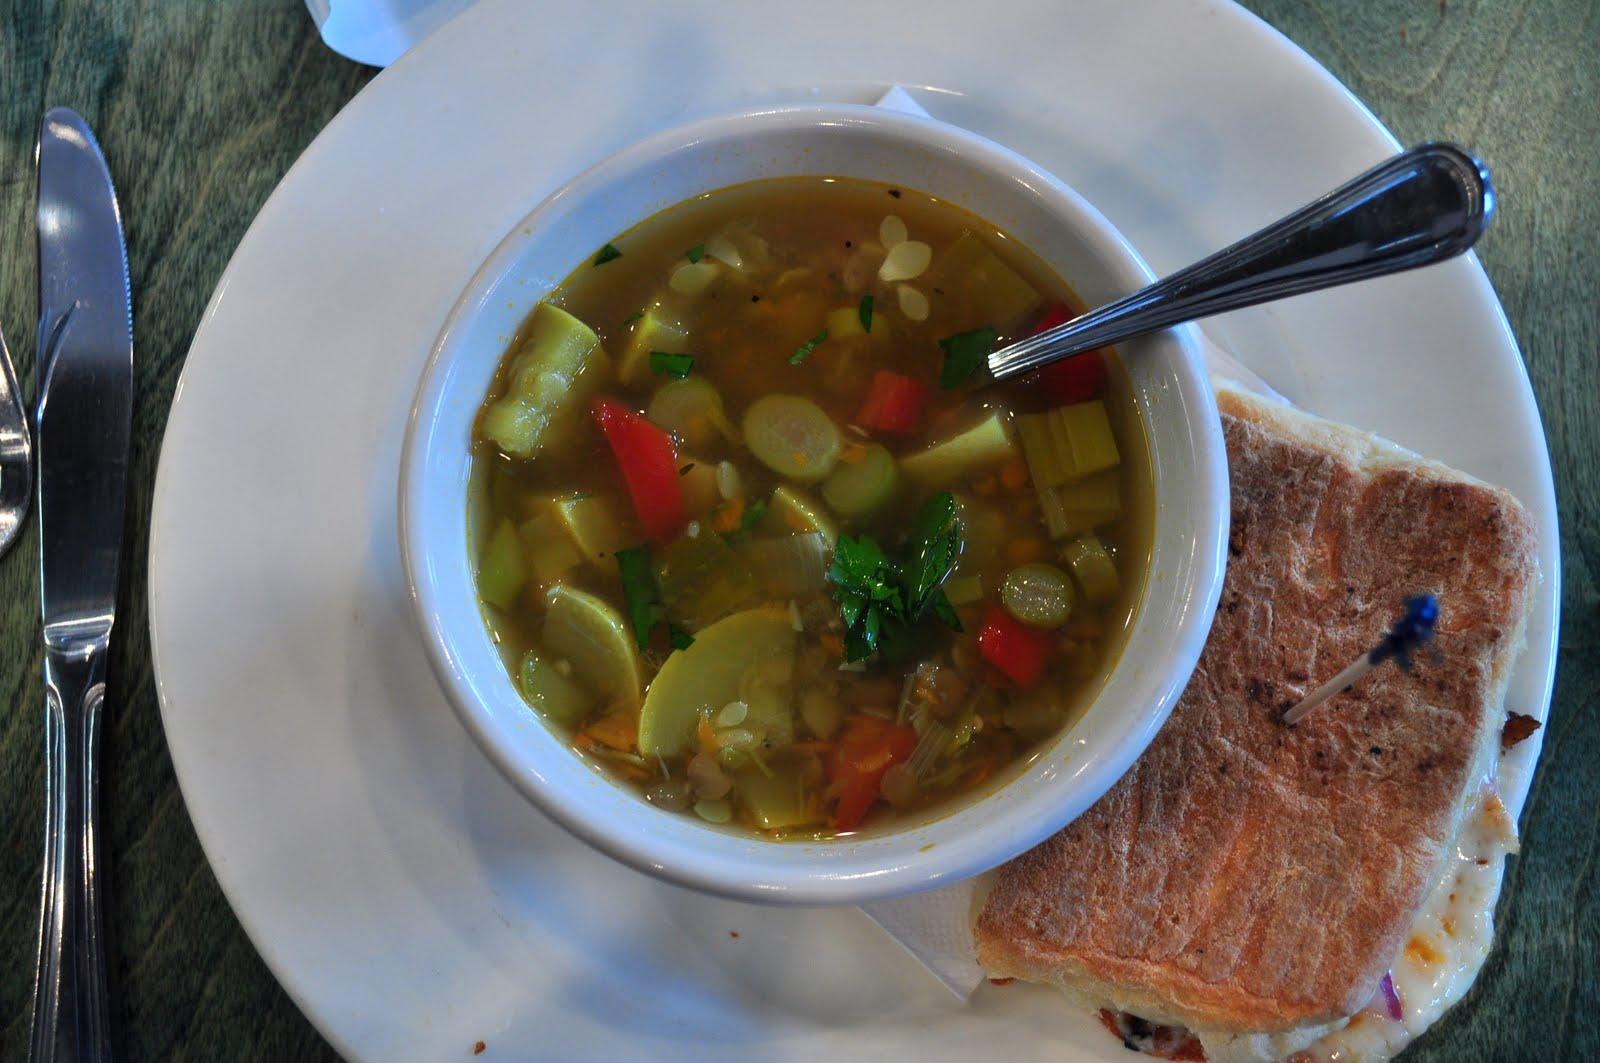 Tanyas Soup Kitchen